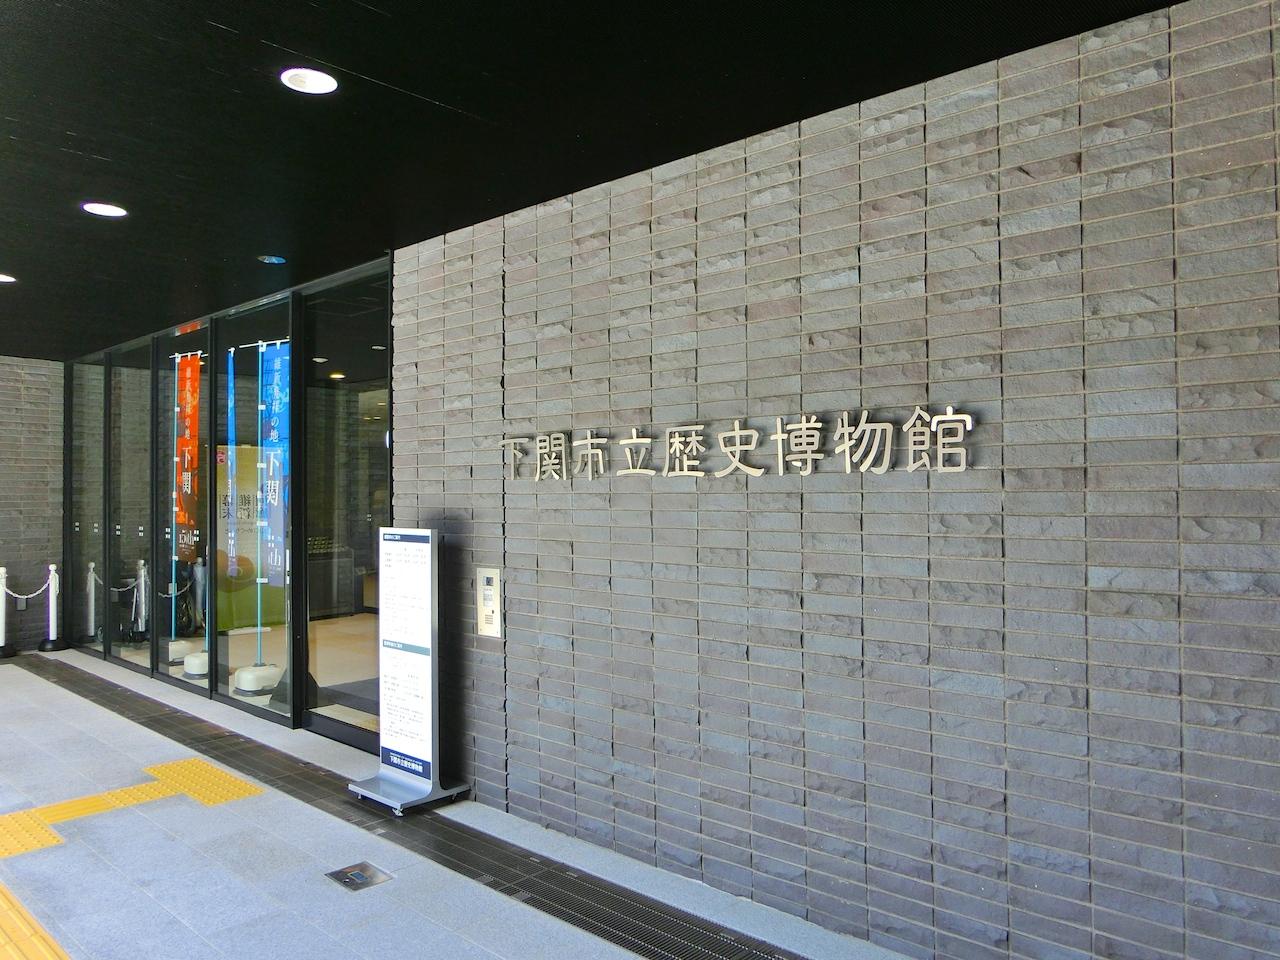 博物館 歴史 下関 市立 博物館案内 SHIMOHAKU